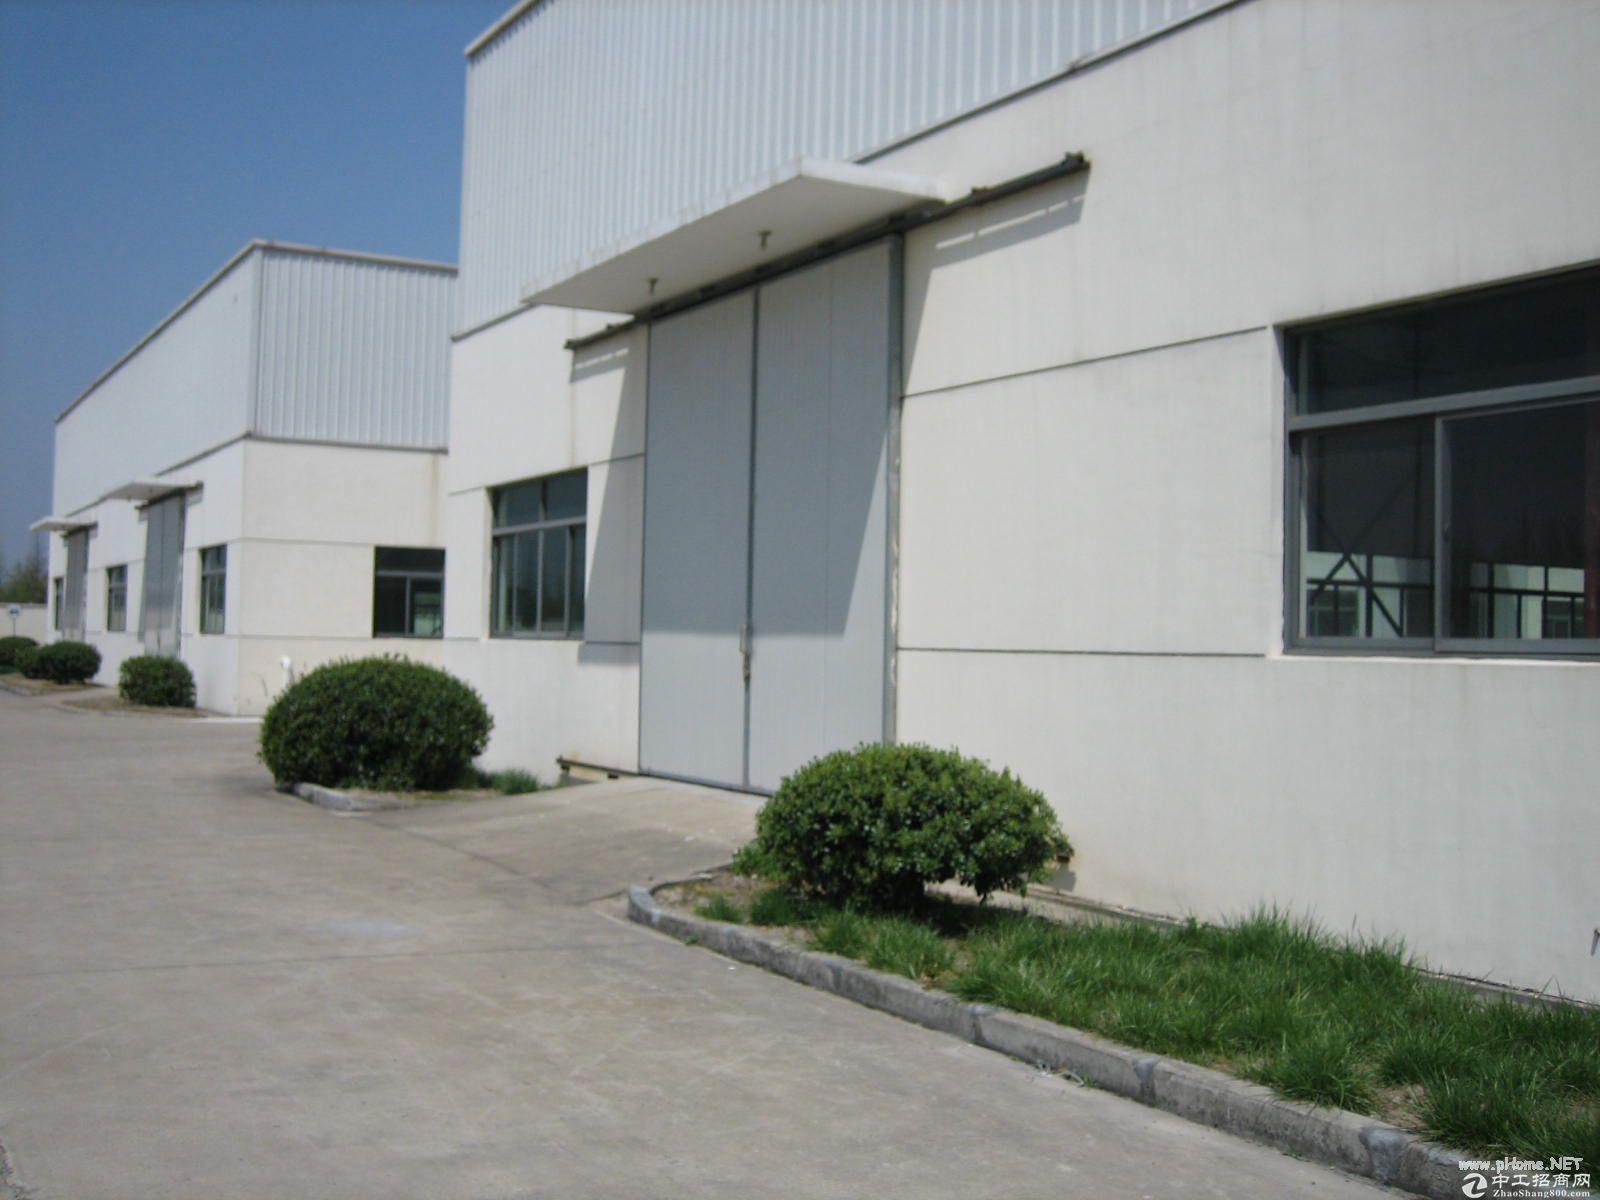 (出租) 康桥新出单层厂房 无立柱 层高11米 可做球馆